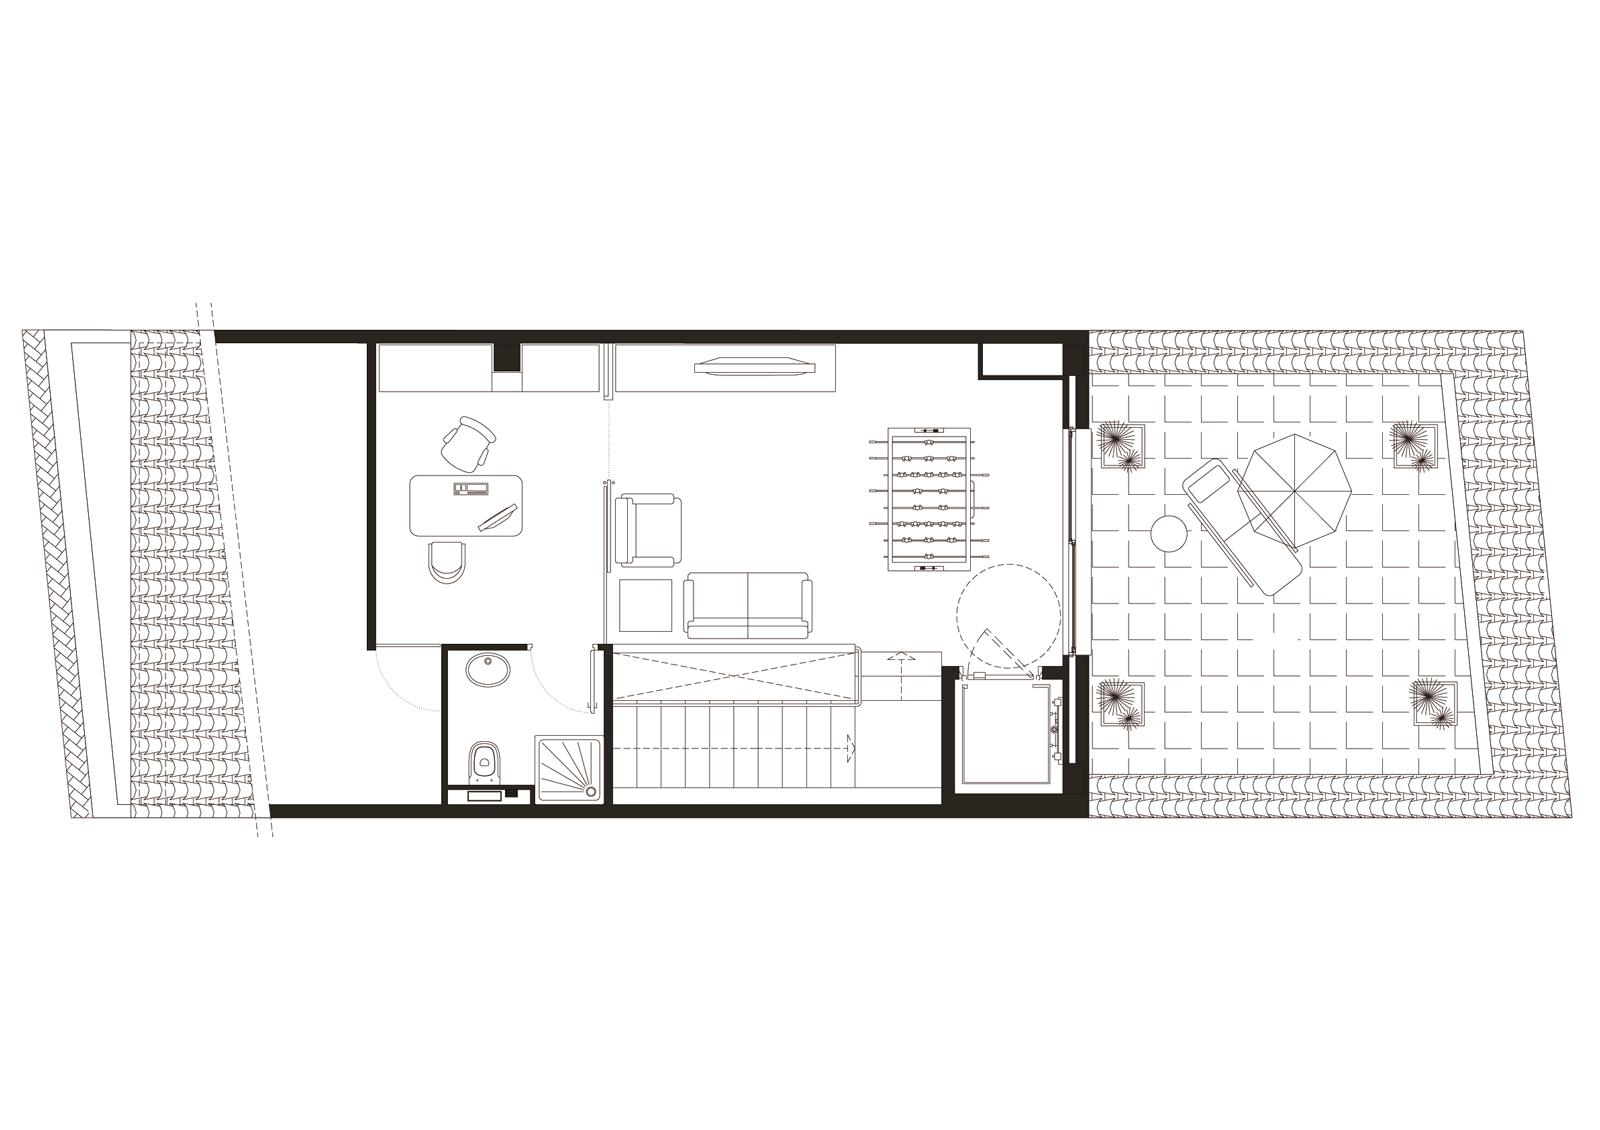 Planta sotacoberta. Projecte d'obra nova: 1998 Habitatge unifamiliar entre mitgeres